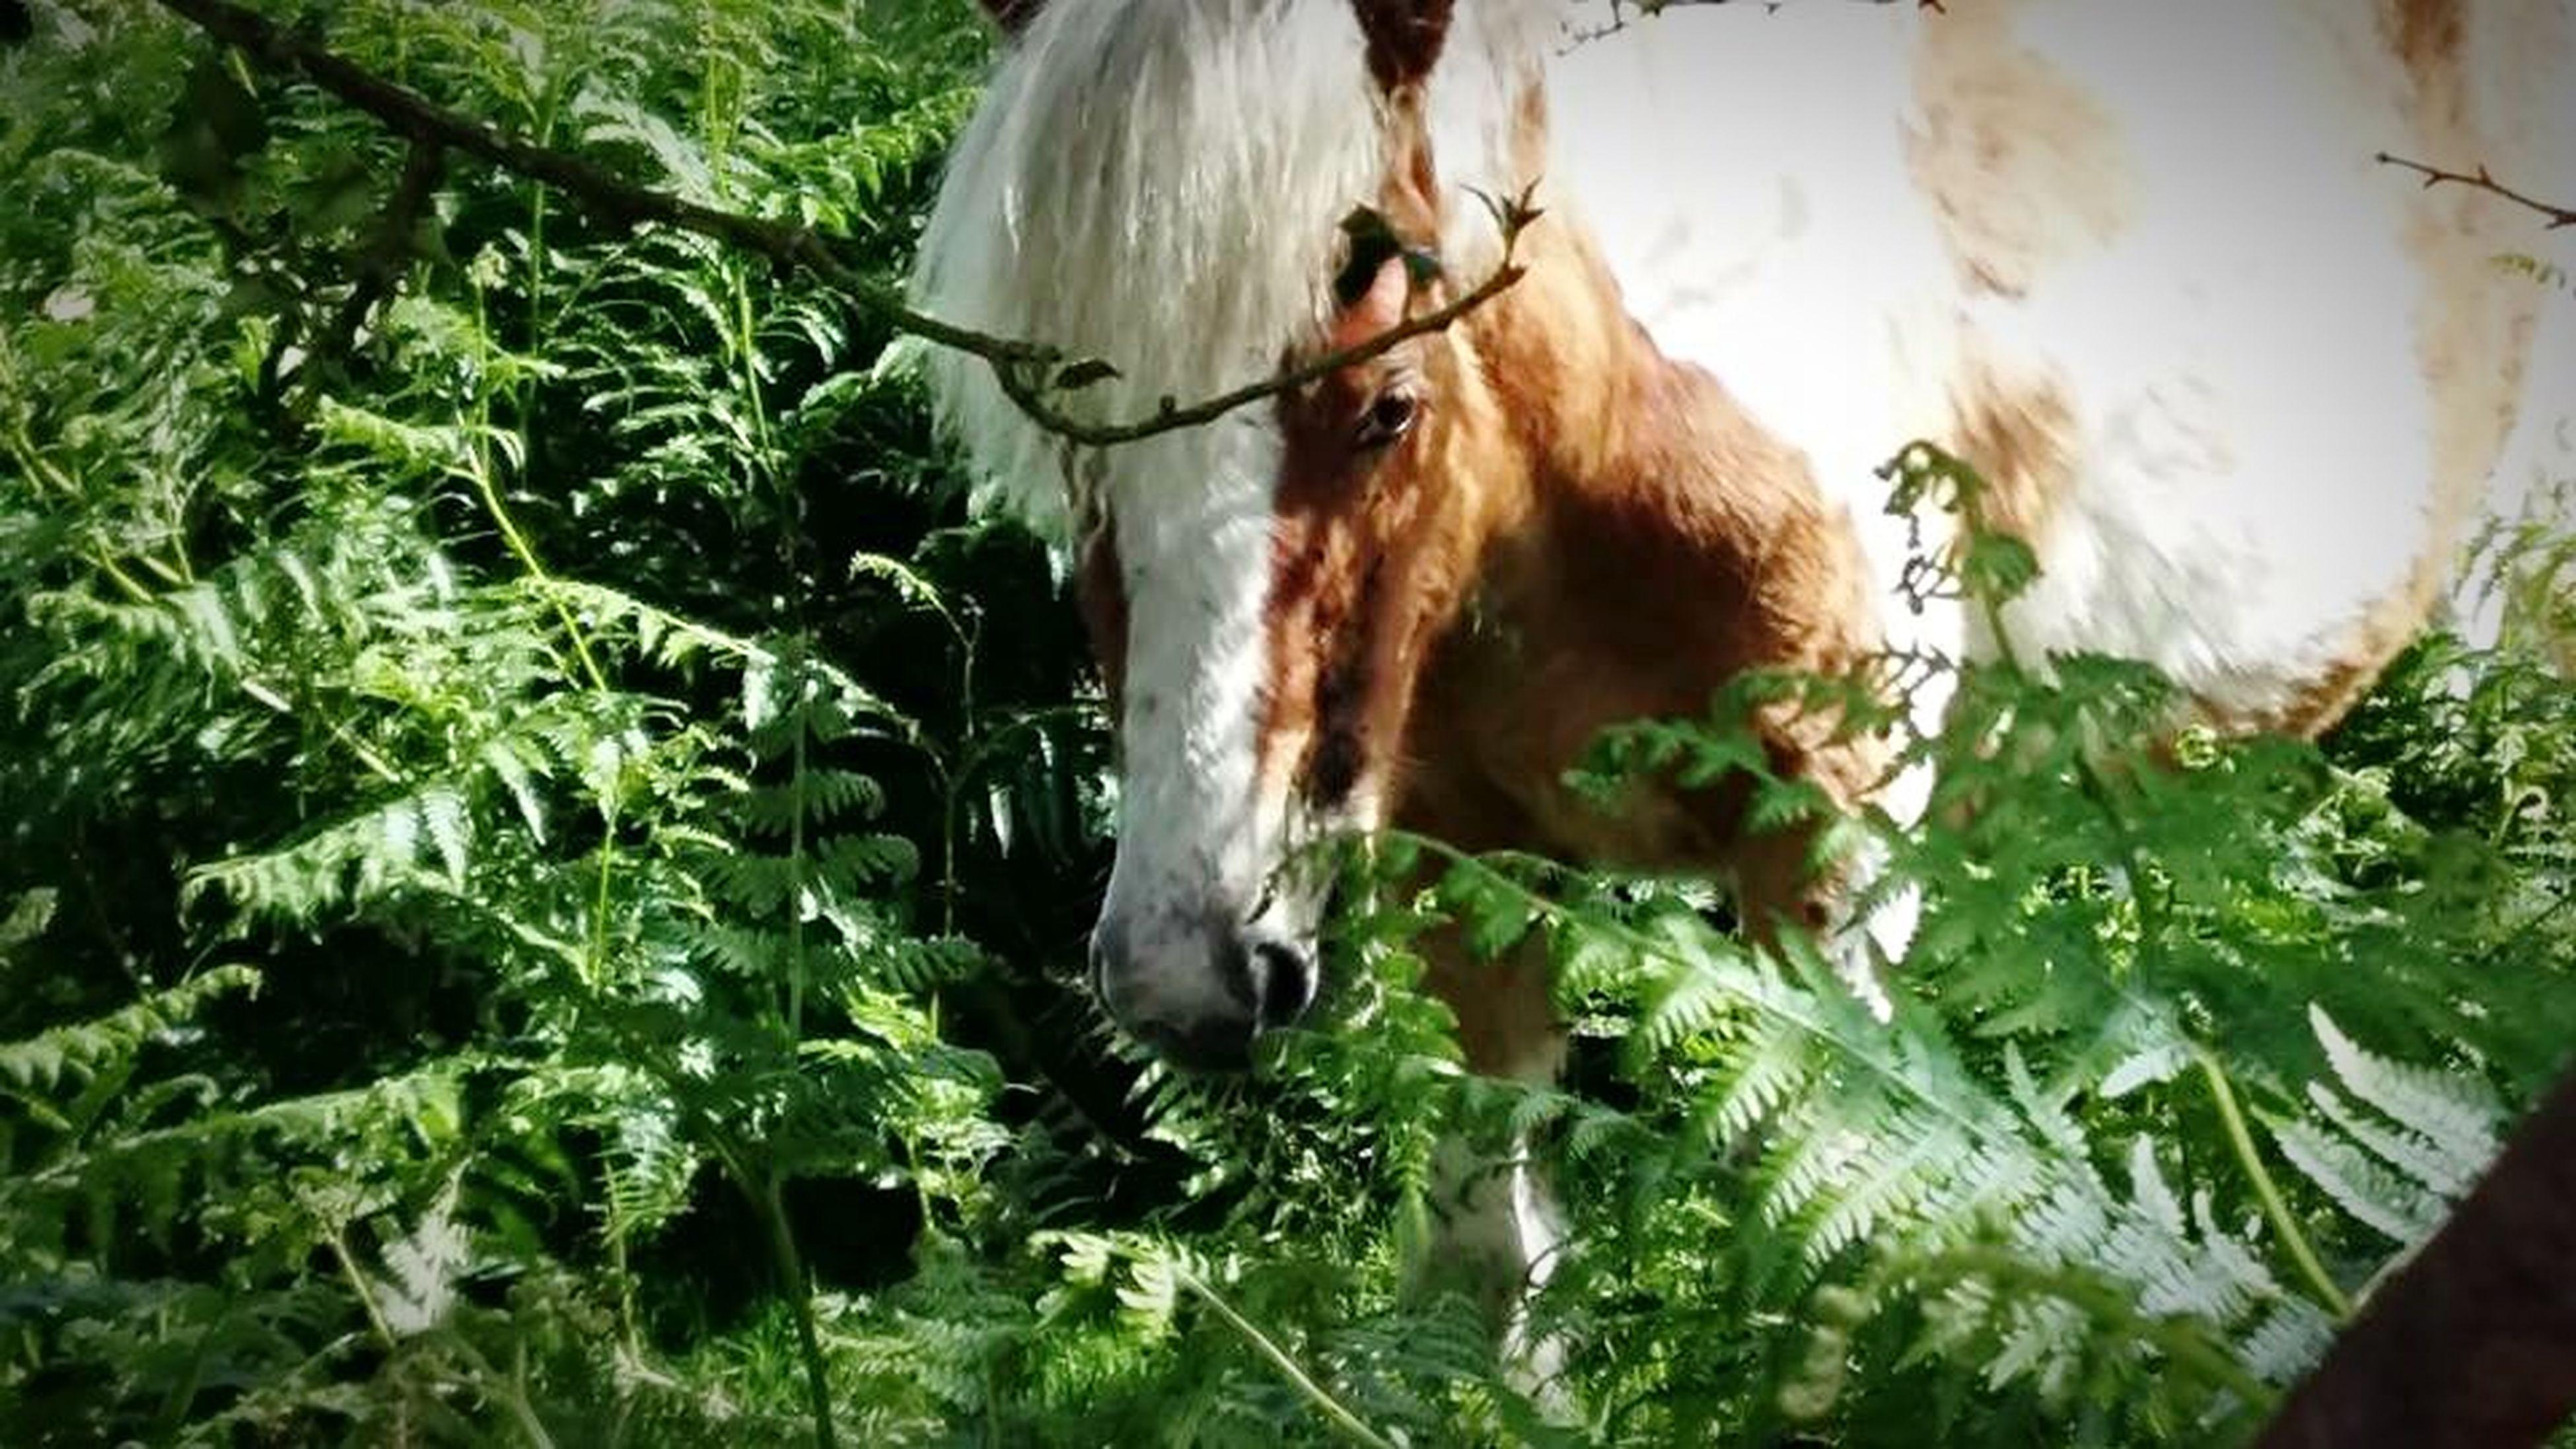 Moorland pony Nature Animals Cornwall Bodmin Moor Moorland Horse Ponies Grass Moorlandpony